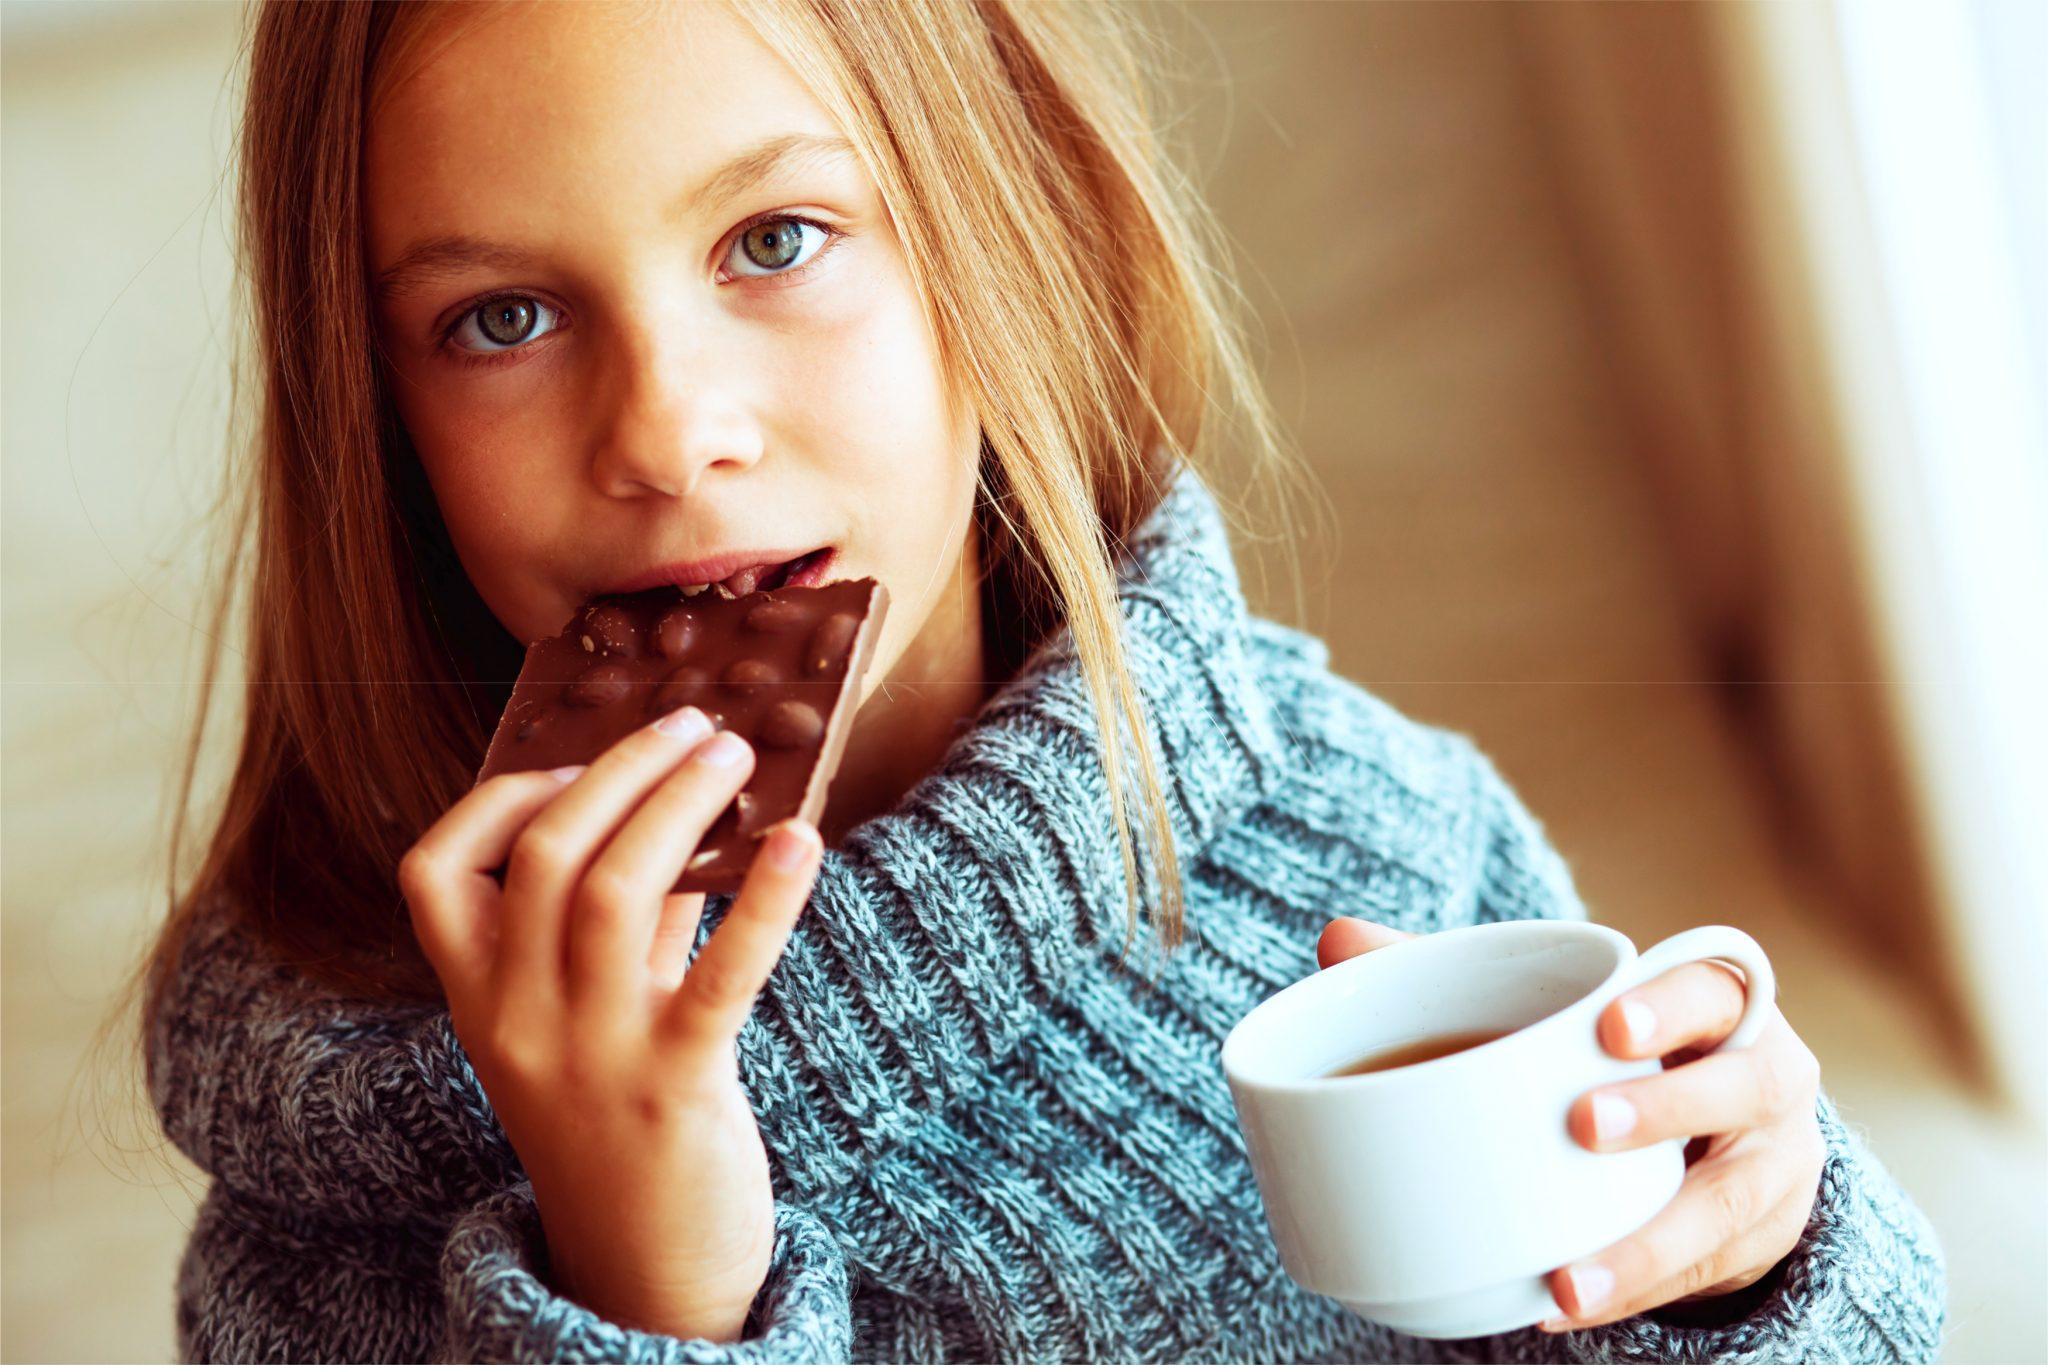 コーヒーを飲みながらチョコを食べている女性